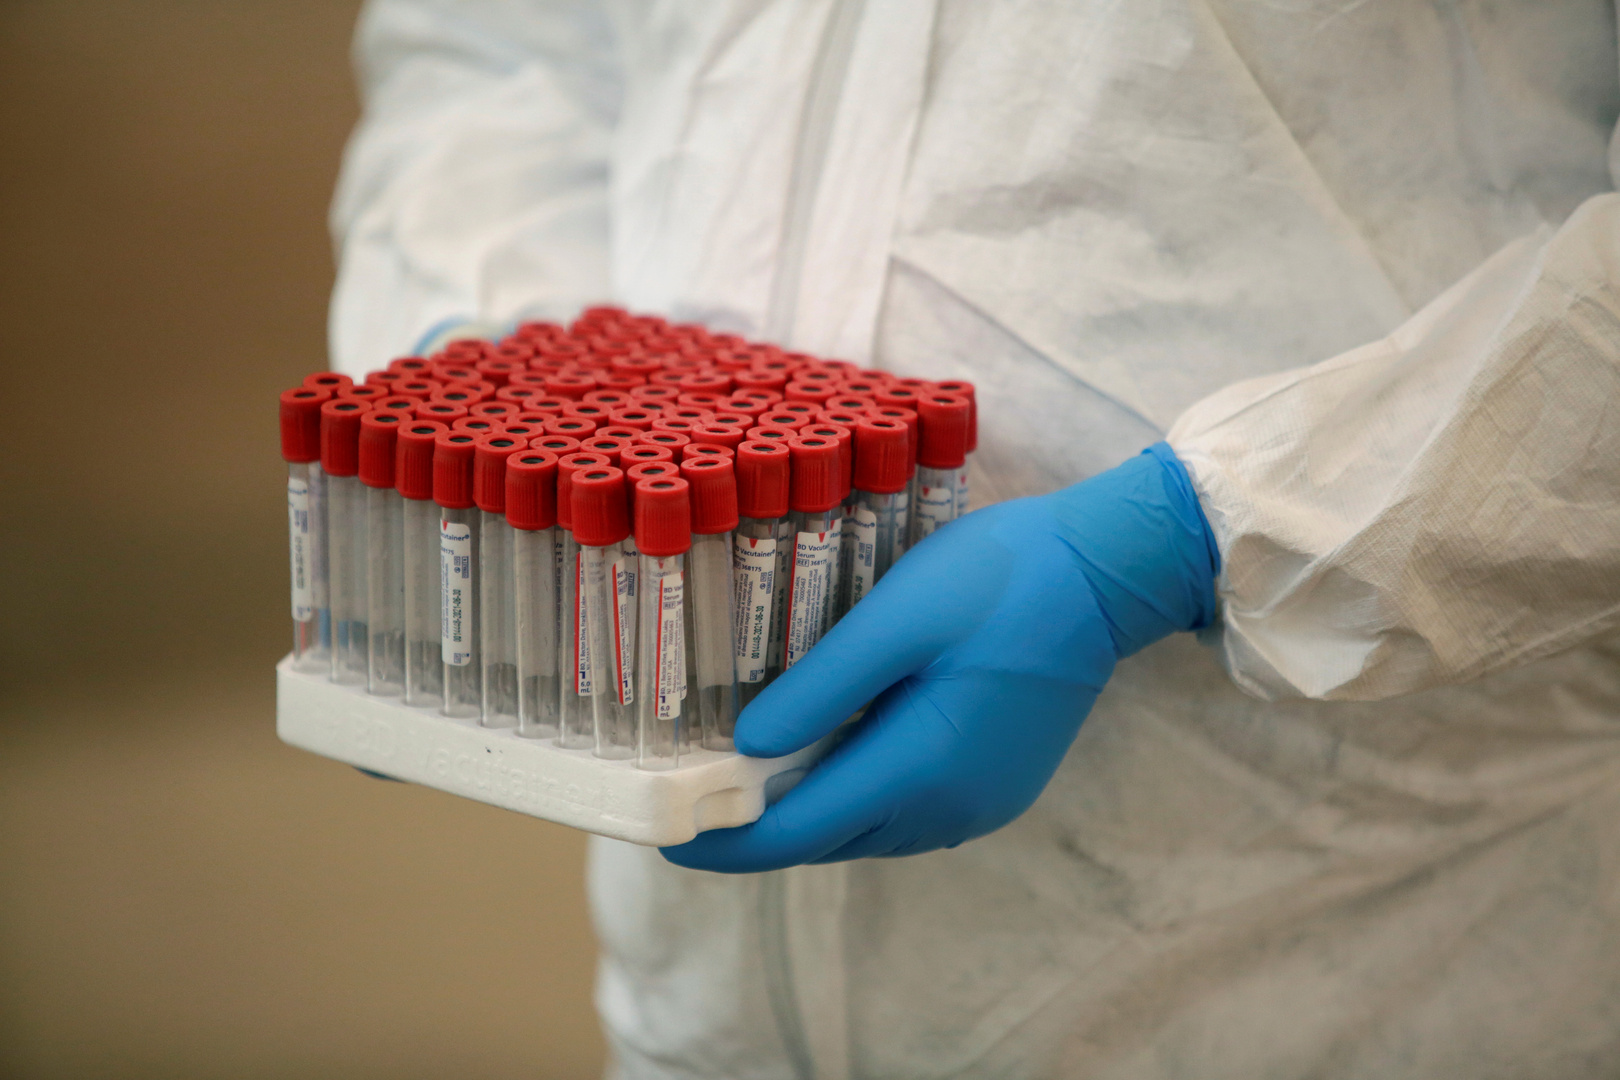 صحيفة: نجاح نموذج جديد لاختبار يكشف الأجسام المضادة لكورونا